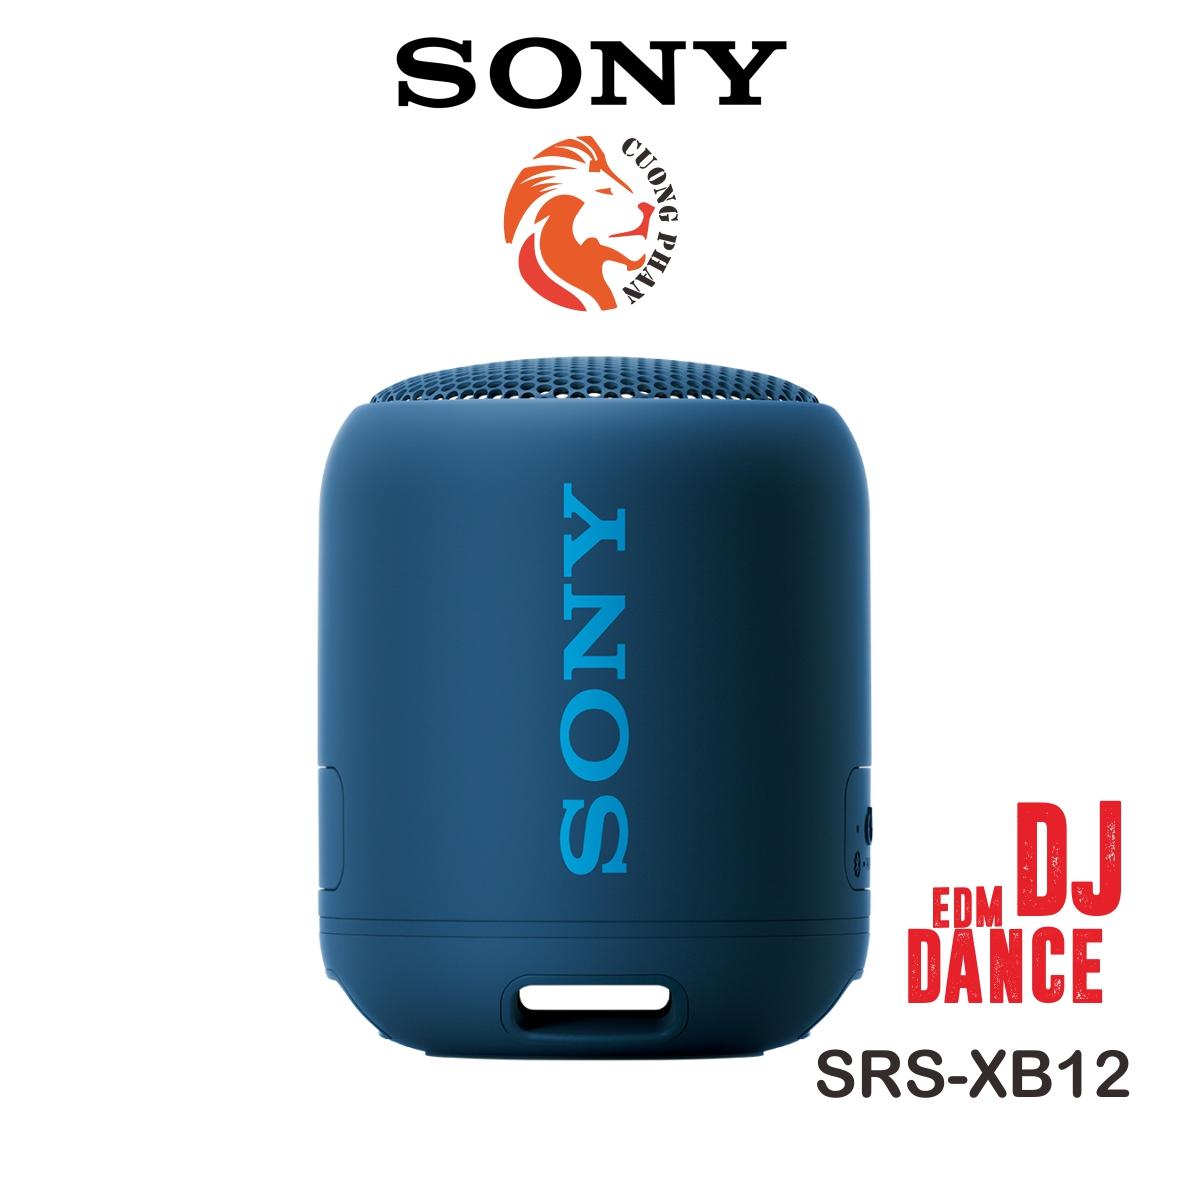 Loa bluetooth Sony SRS-XB12 - Hãng phân phối chính thức, sản phẩm được bảo hành 12 tháng ( bảo hành điện tử)